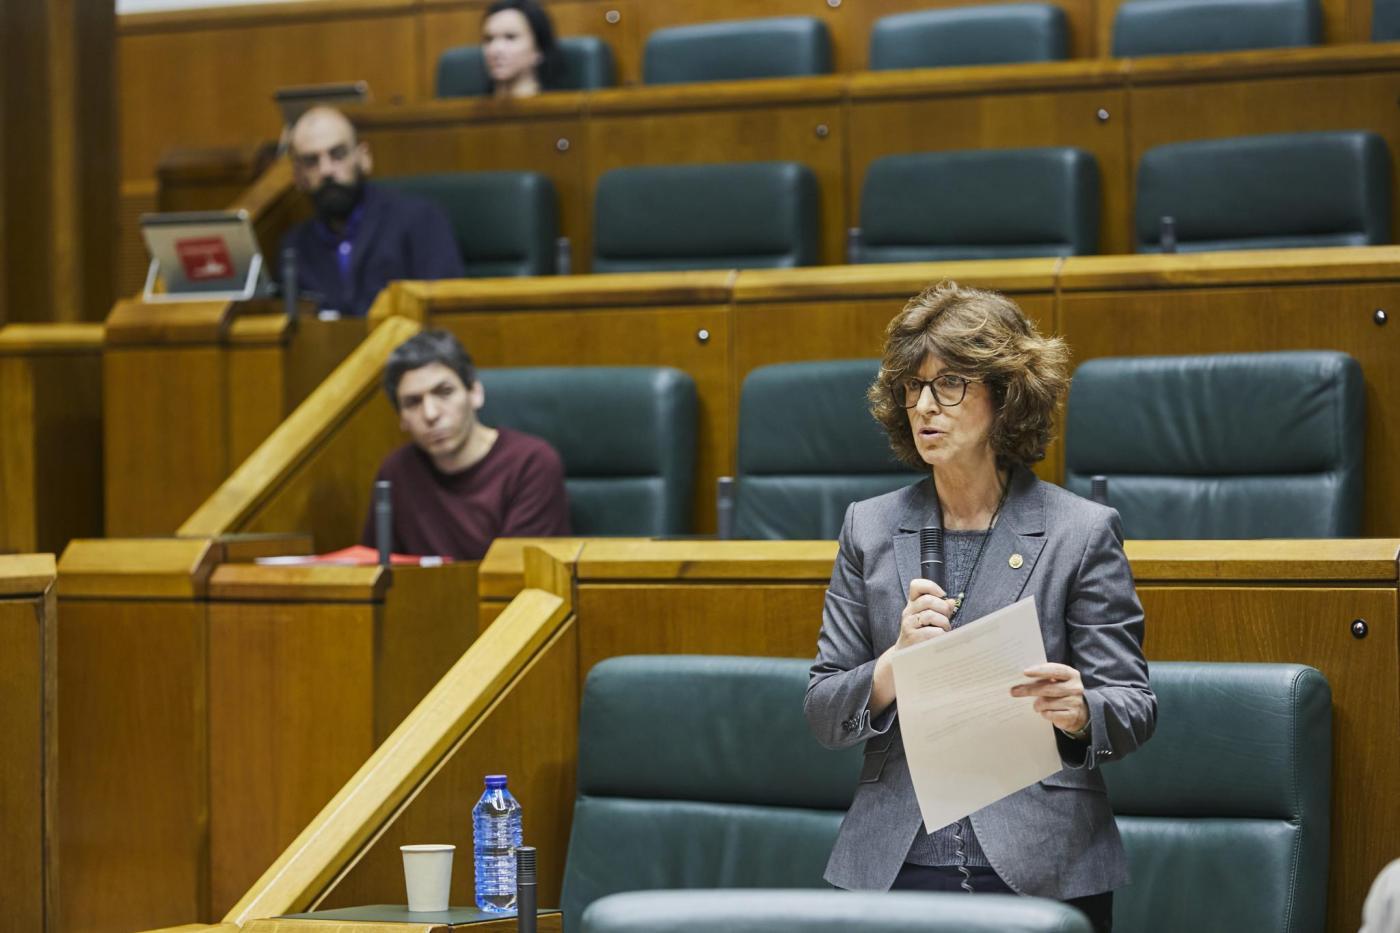 Euskadi registra un total de 13.780 contagios por COVID-19, 1.193 fallecimientos y 8.450 personas recuperadas o dadas de alta [4:02]